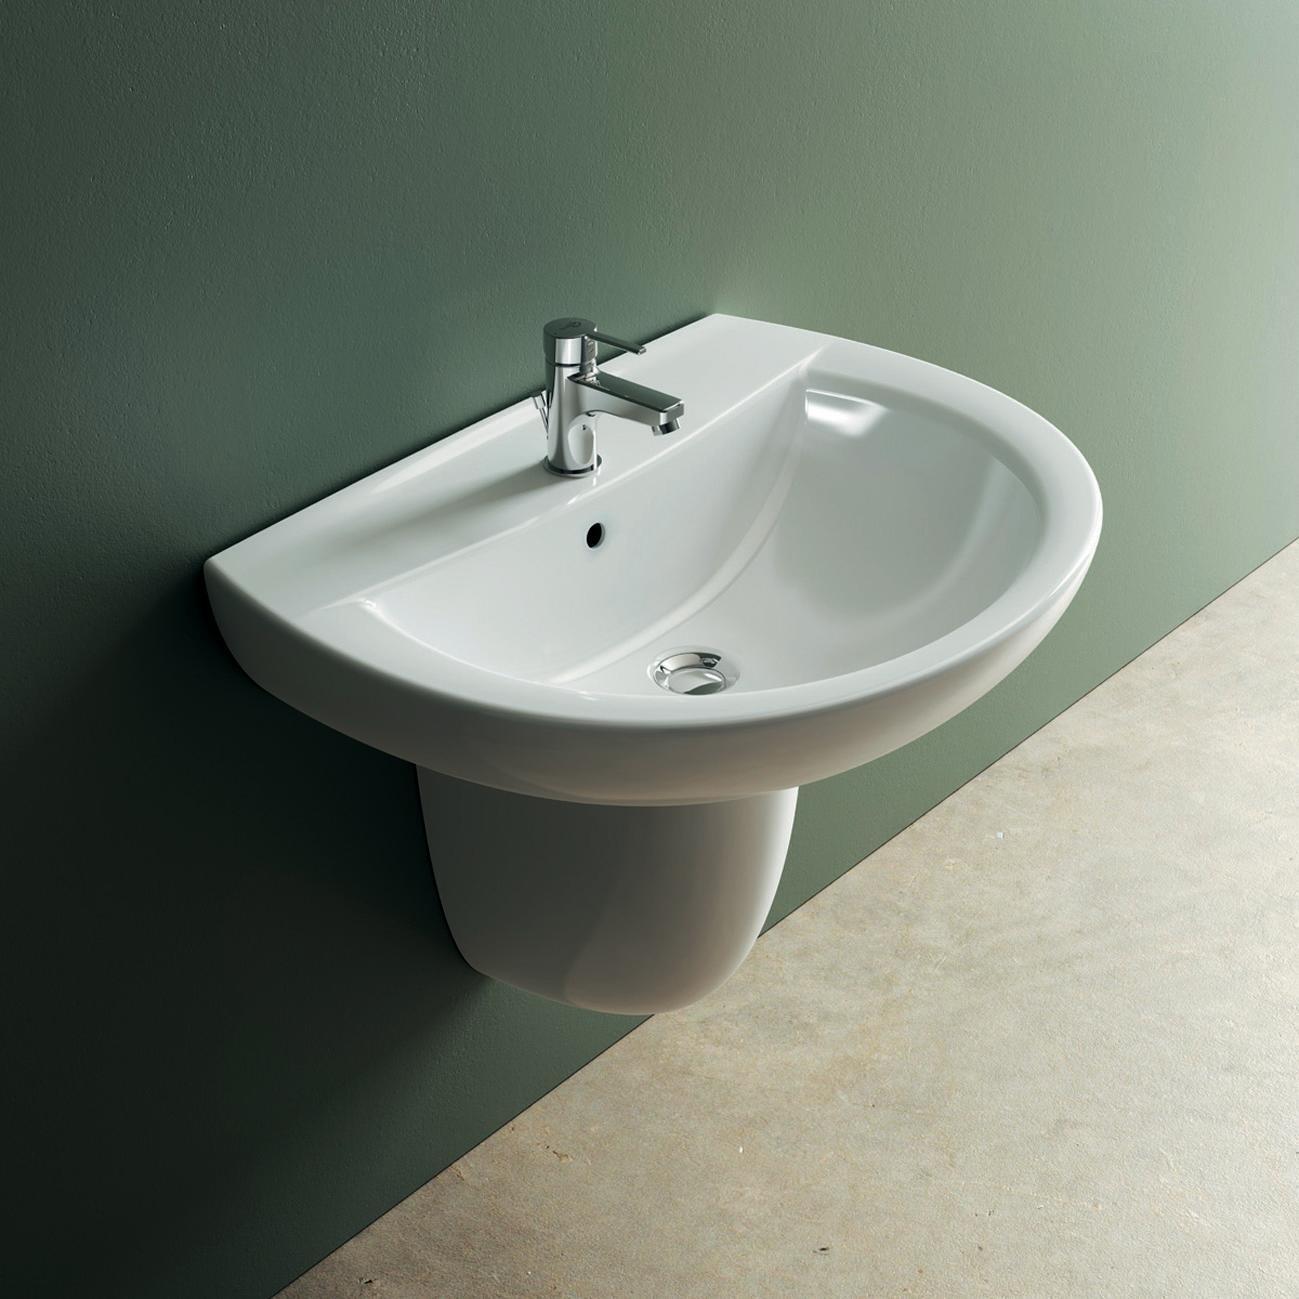 Lavabo sospeso stondato Idyl L 60 x H 19 x P 47 cm in ceramica bianco - 2